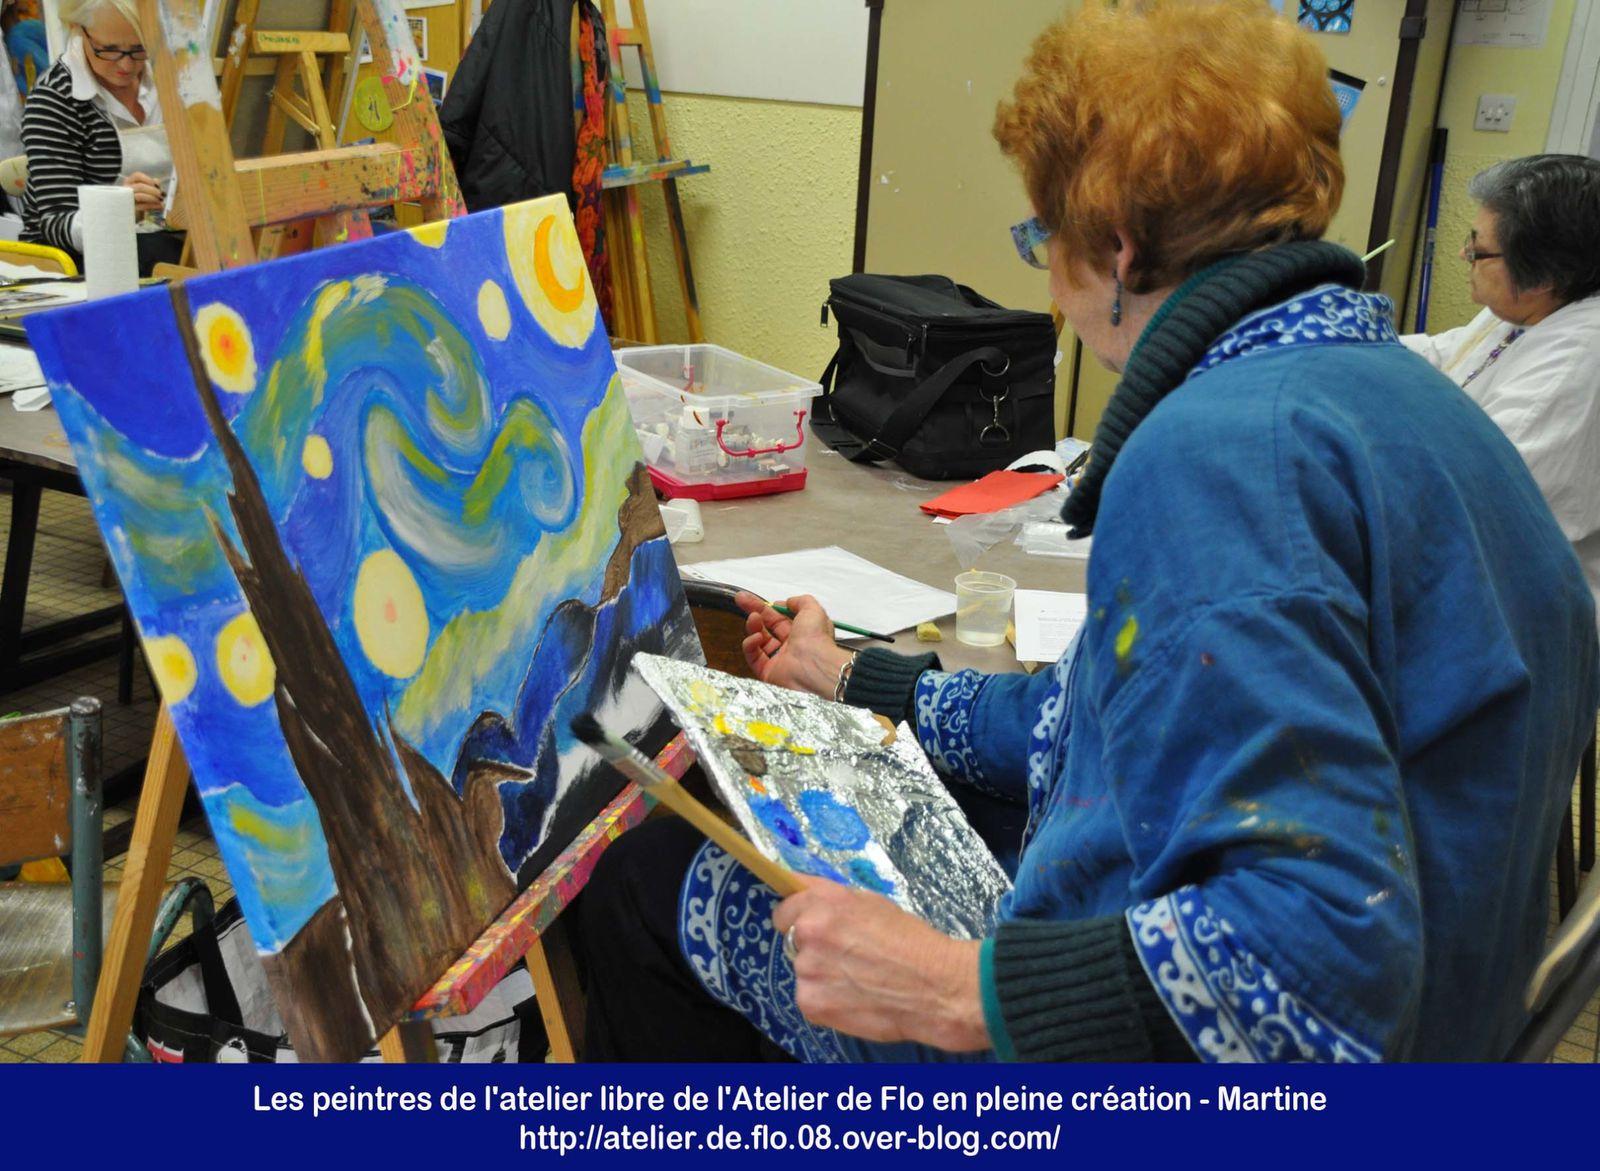 Les peintres de l'atelier Libre de Flo